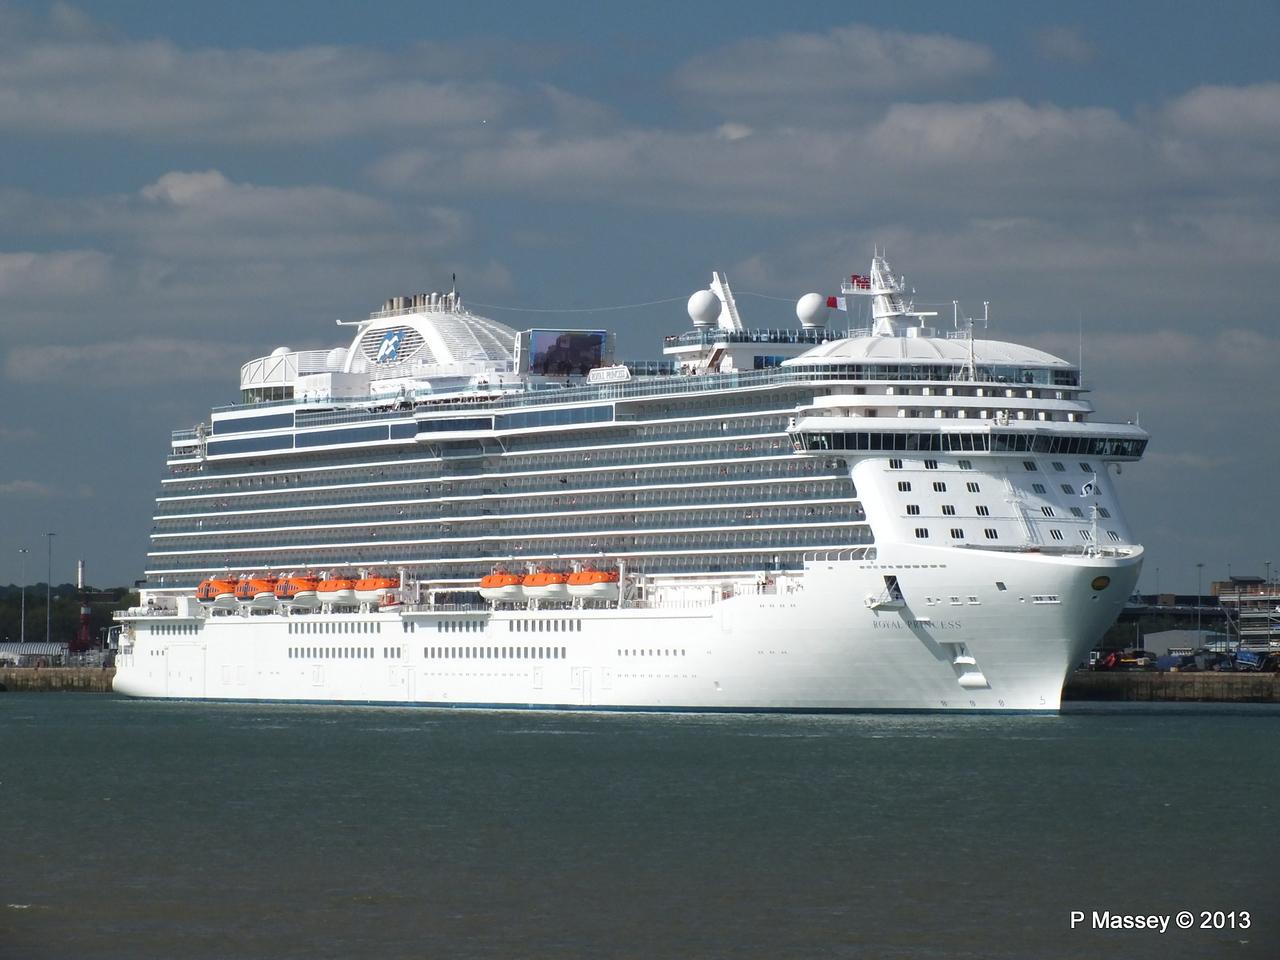 ROYAL PRINCESS Departing Southampton PDM 09-06-2013 17-17-57